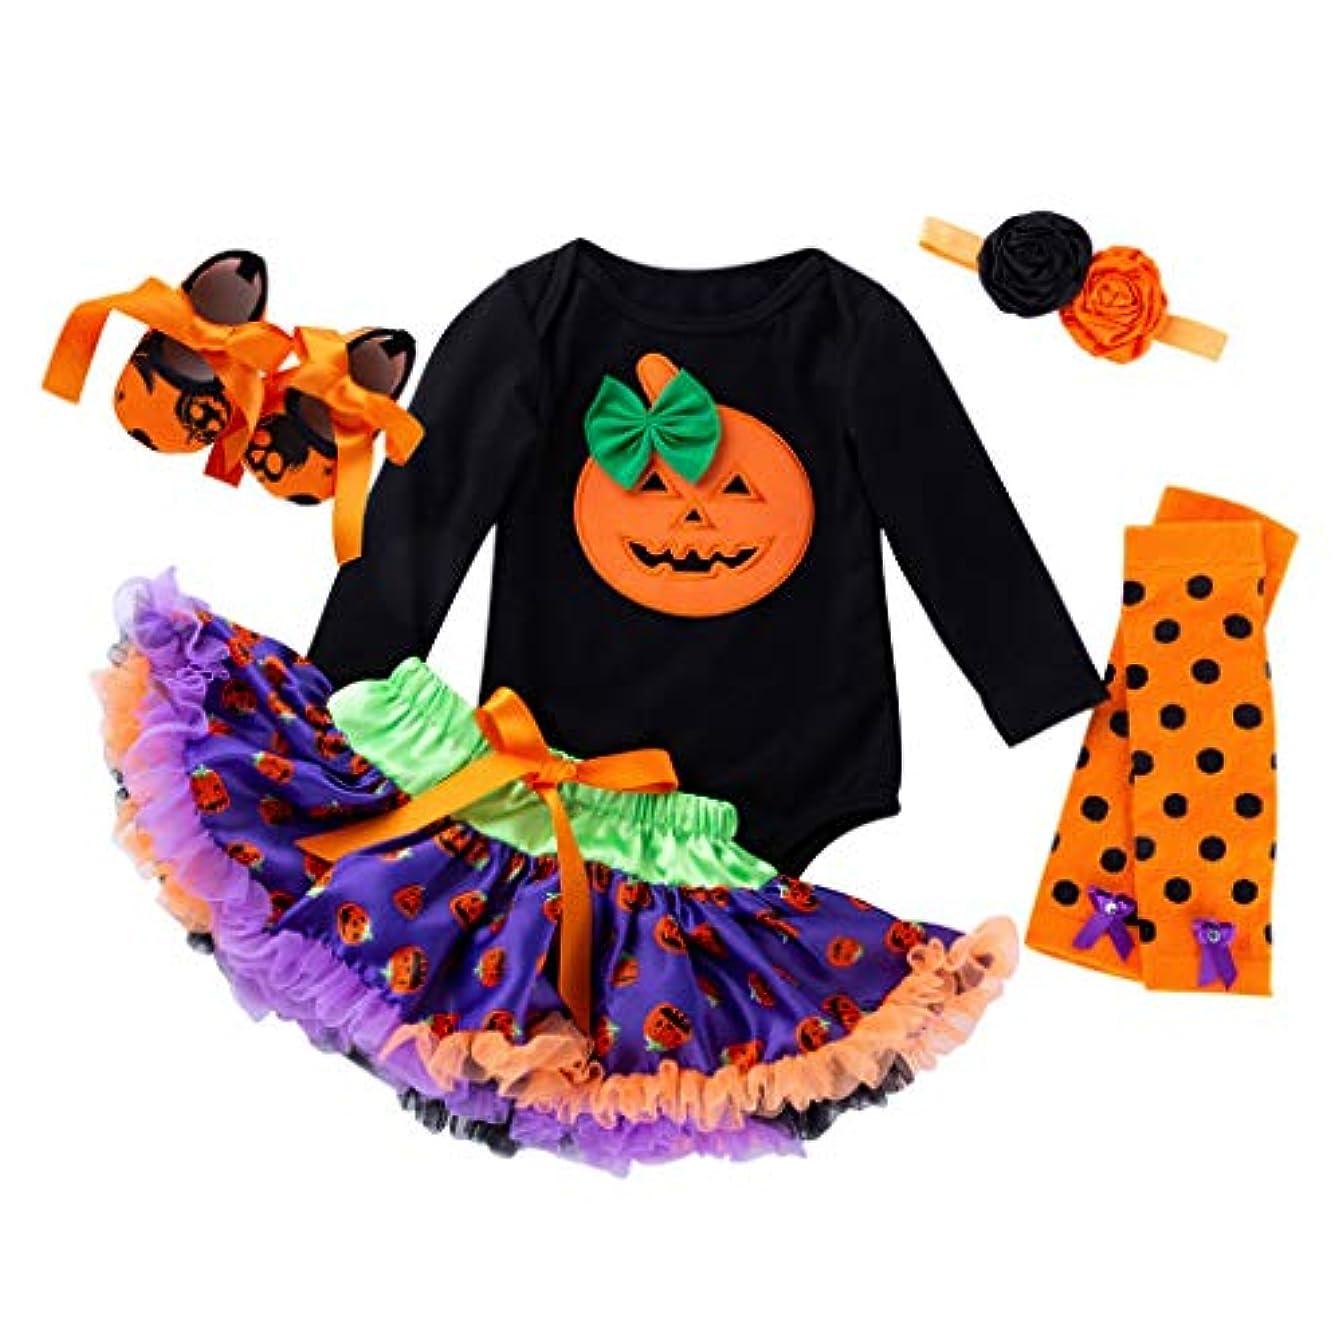 人事農奴再編成するハロウィン 赤ちゃん ワンピース Huliyun 女の子 ロンパース かわいい キッズ 仮装 子供用2ピース長袖ローブ+チュチュスカート ハロウィン 衣装 子供 女の子 パンプキン かぼちゃ 仮装